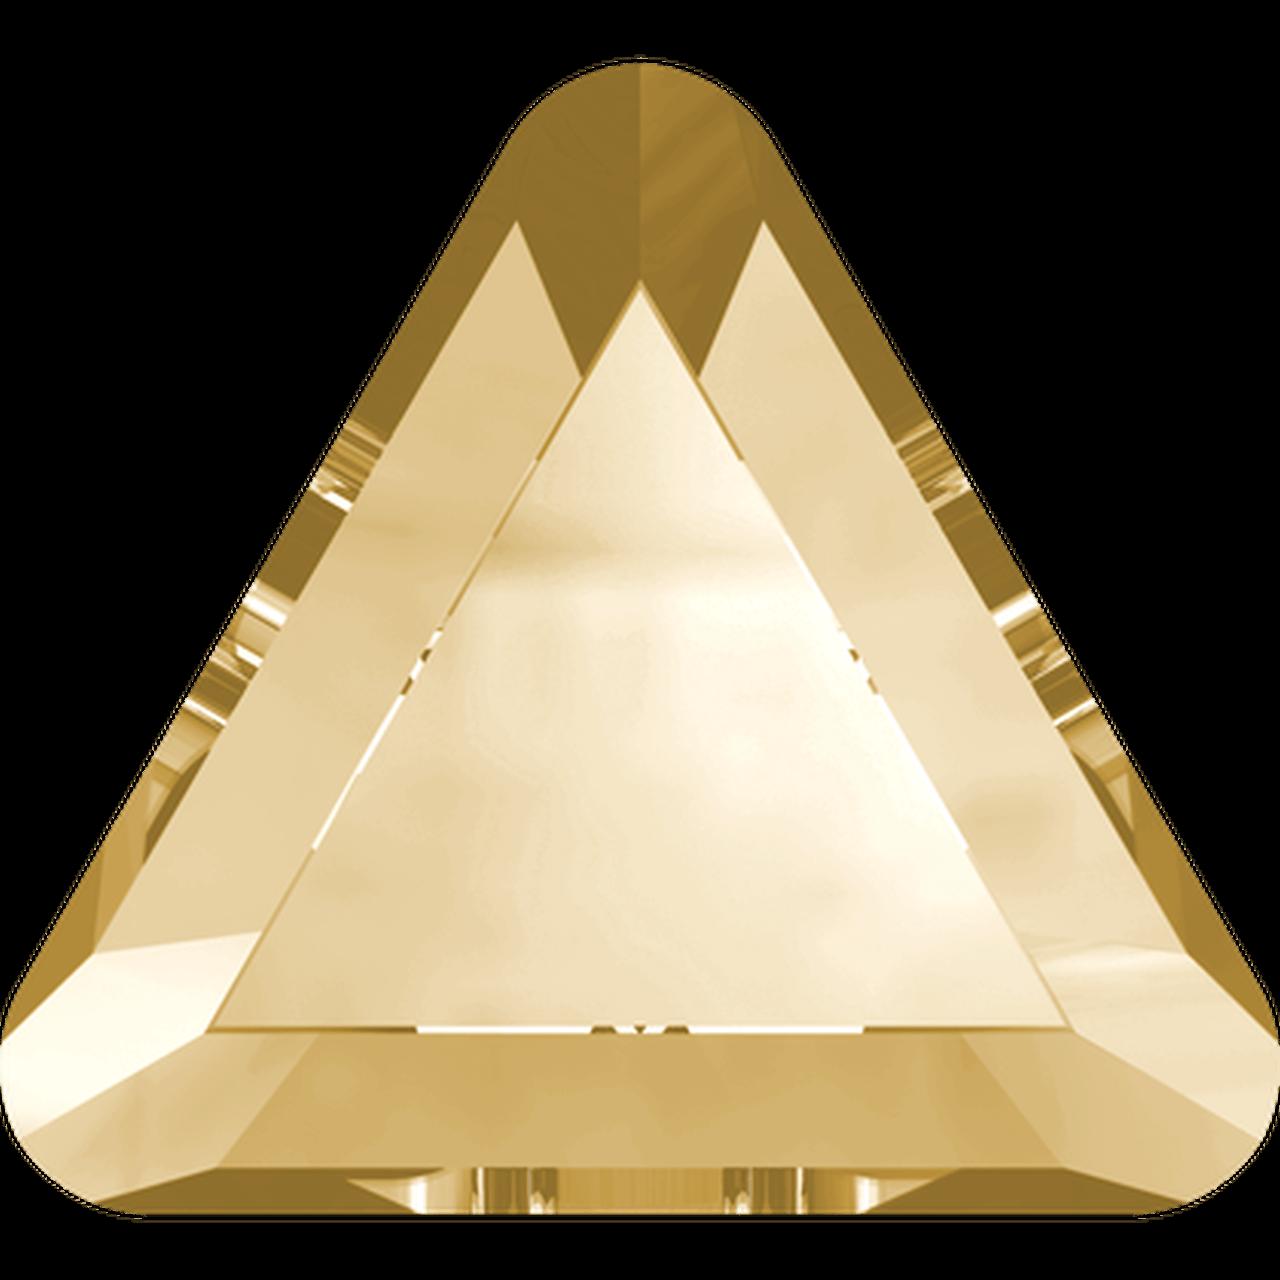 Triangle Lt Colorado topaz 3.3 mm